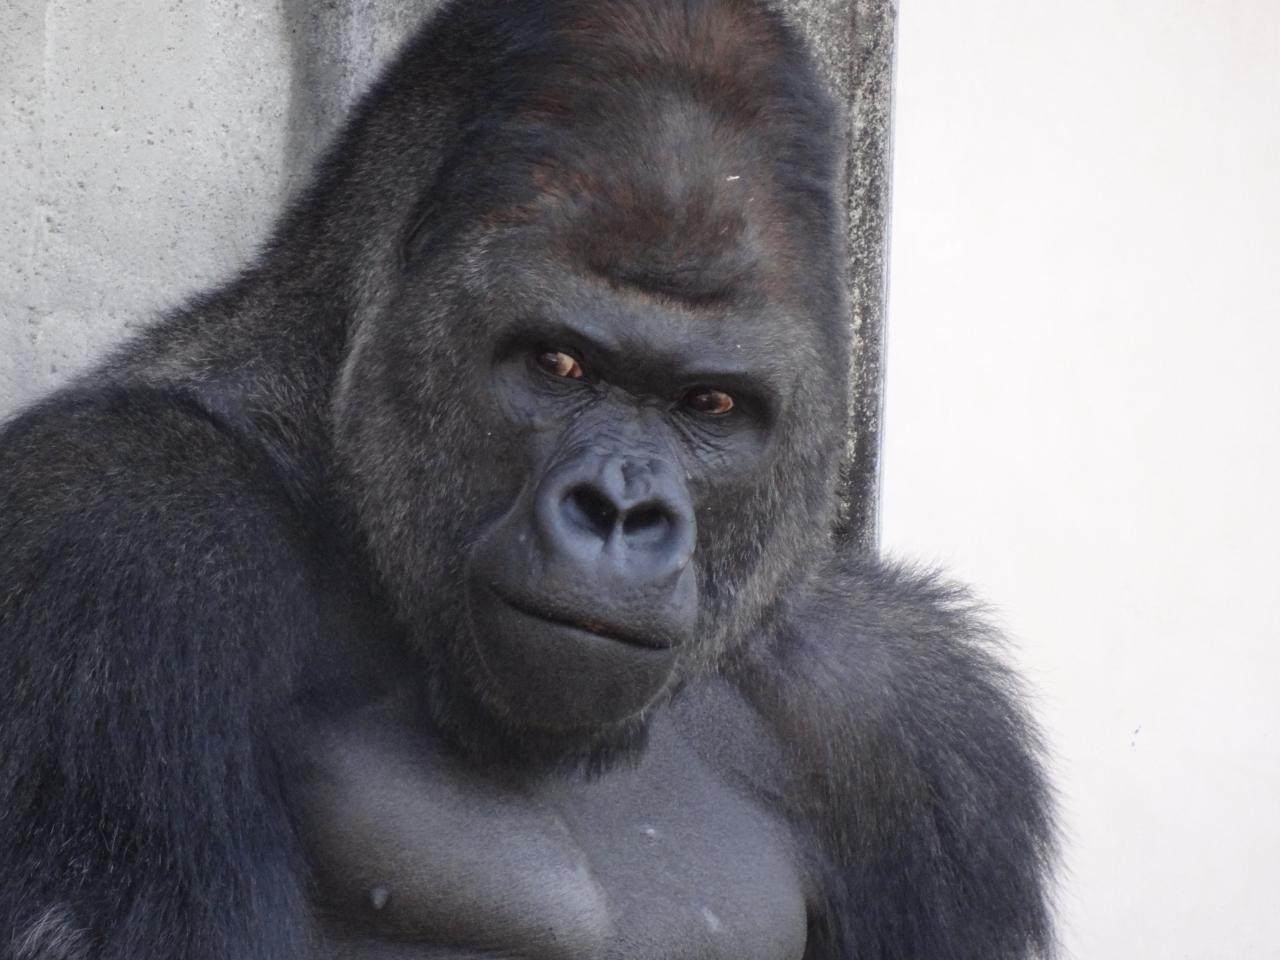 『おばさんも、たまには動物園』 [愛知]のブログ・旅行記 by kumi ...